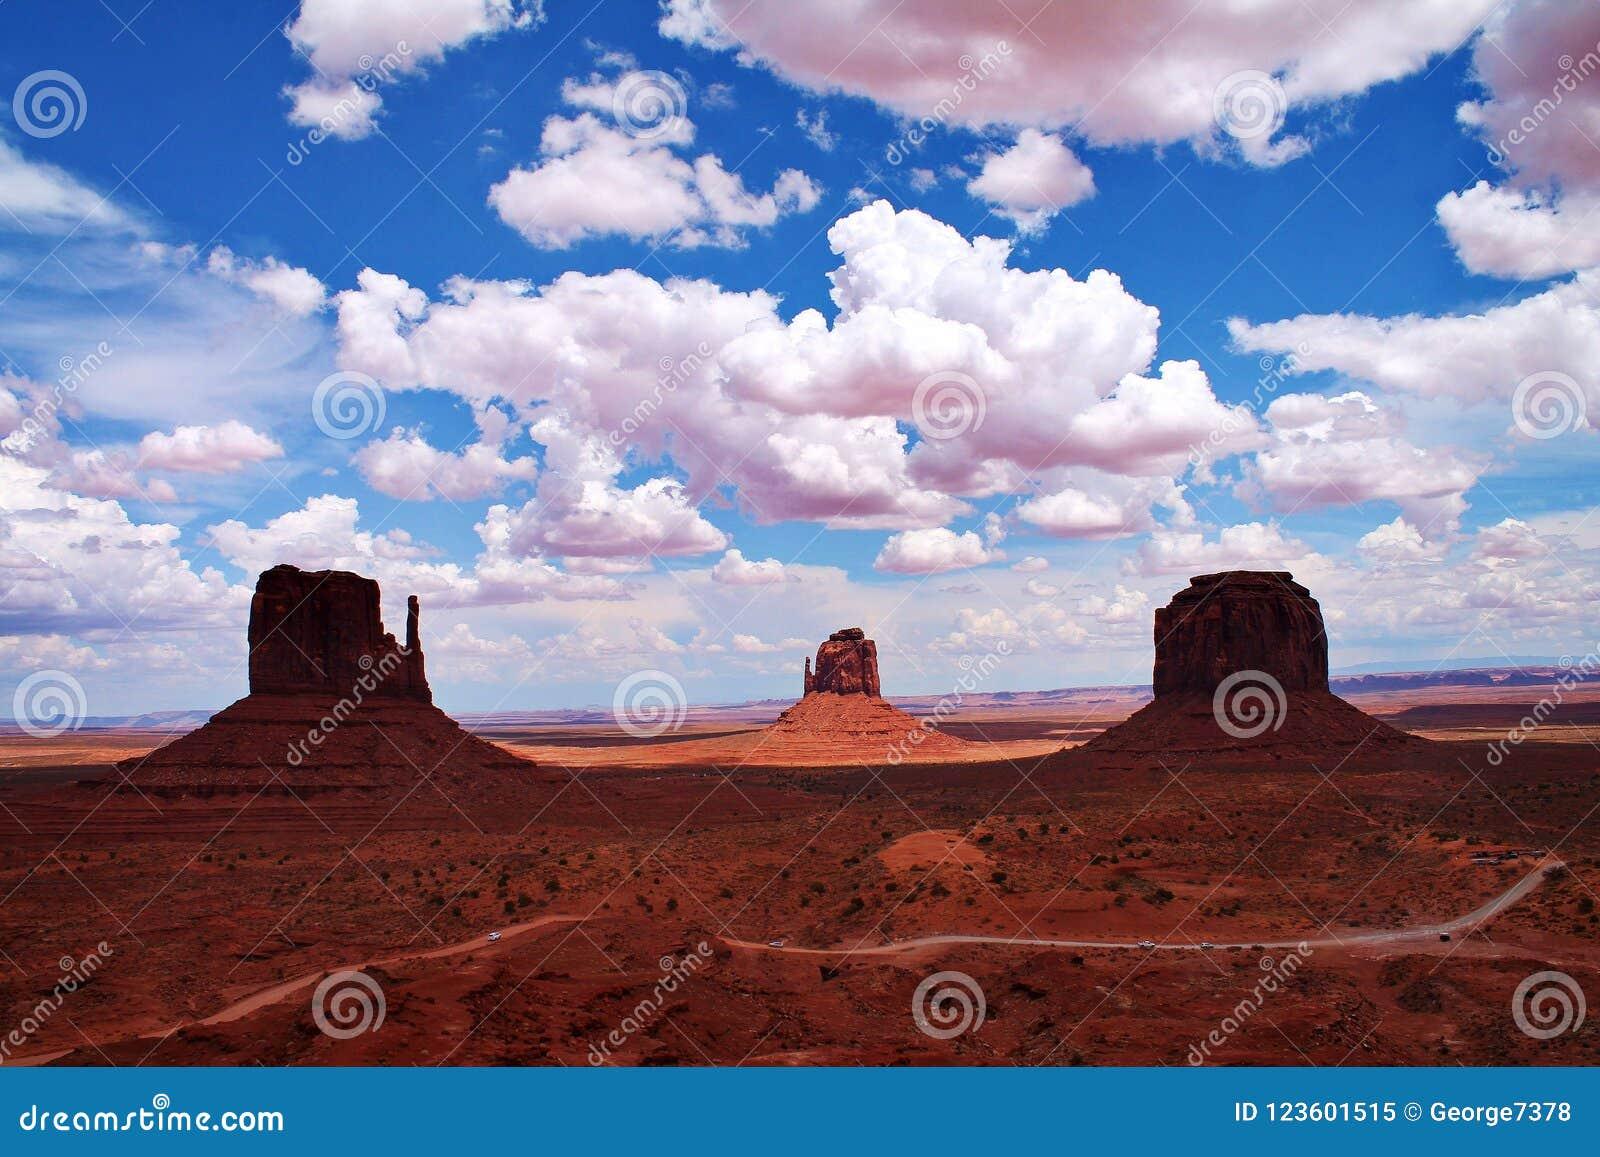 Buttefelsformationen mit Schotterweg, Schatten und flaumigen Wolken im Monument-Tal, Arizona